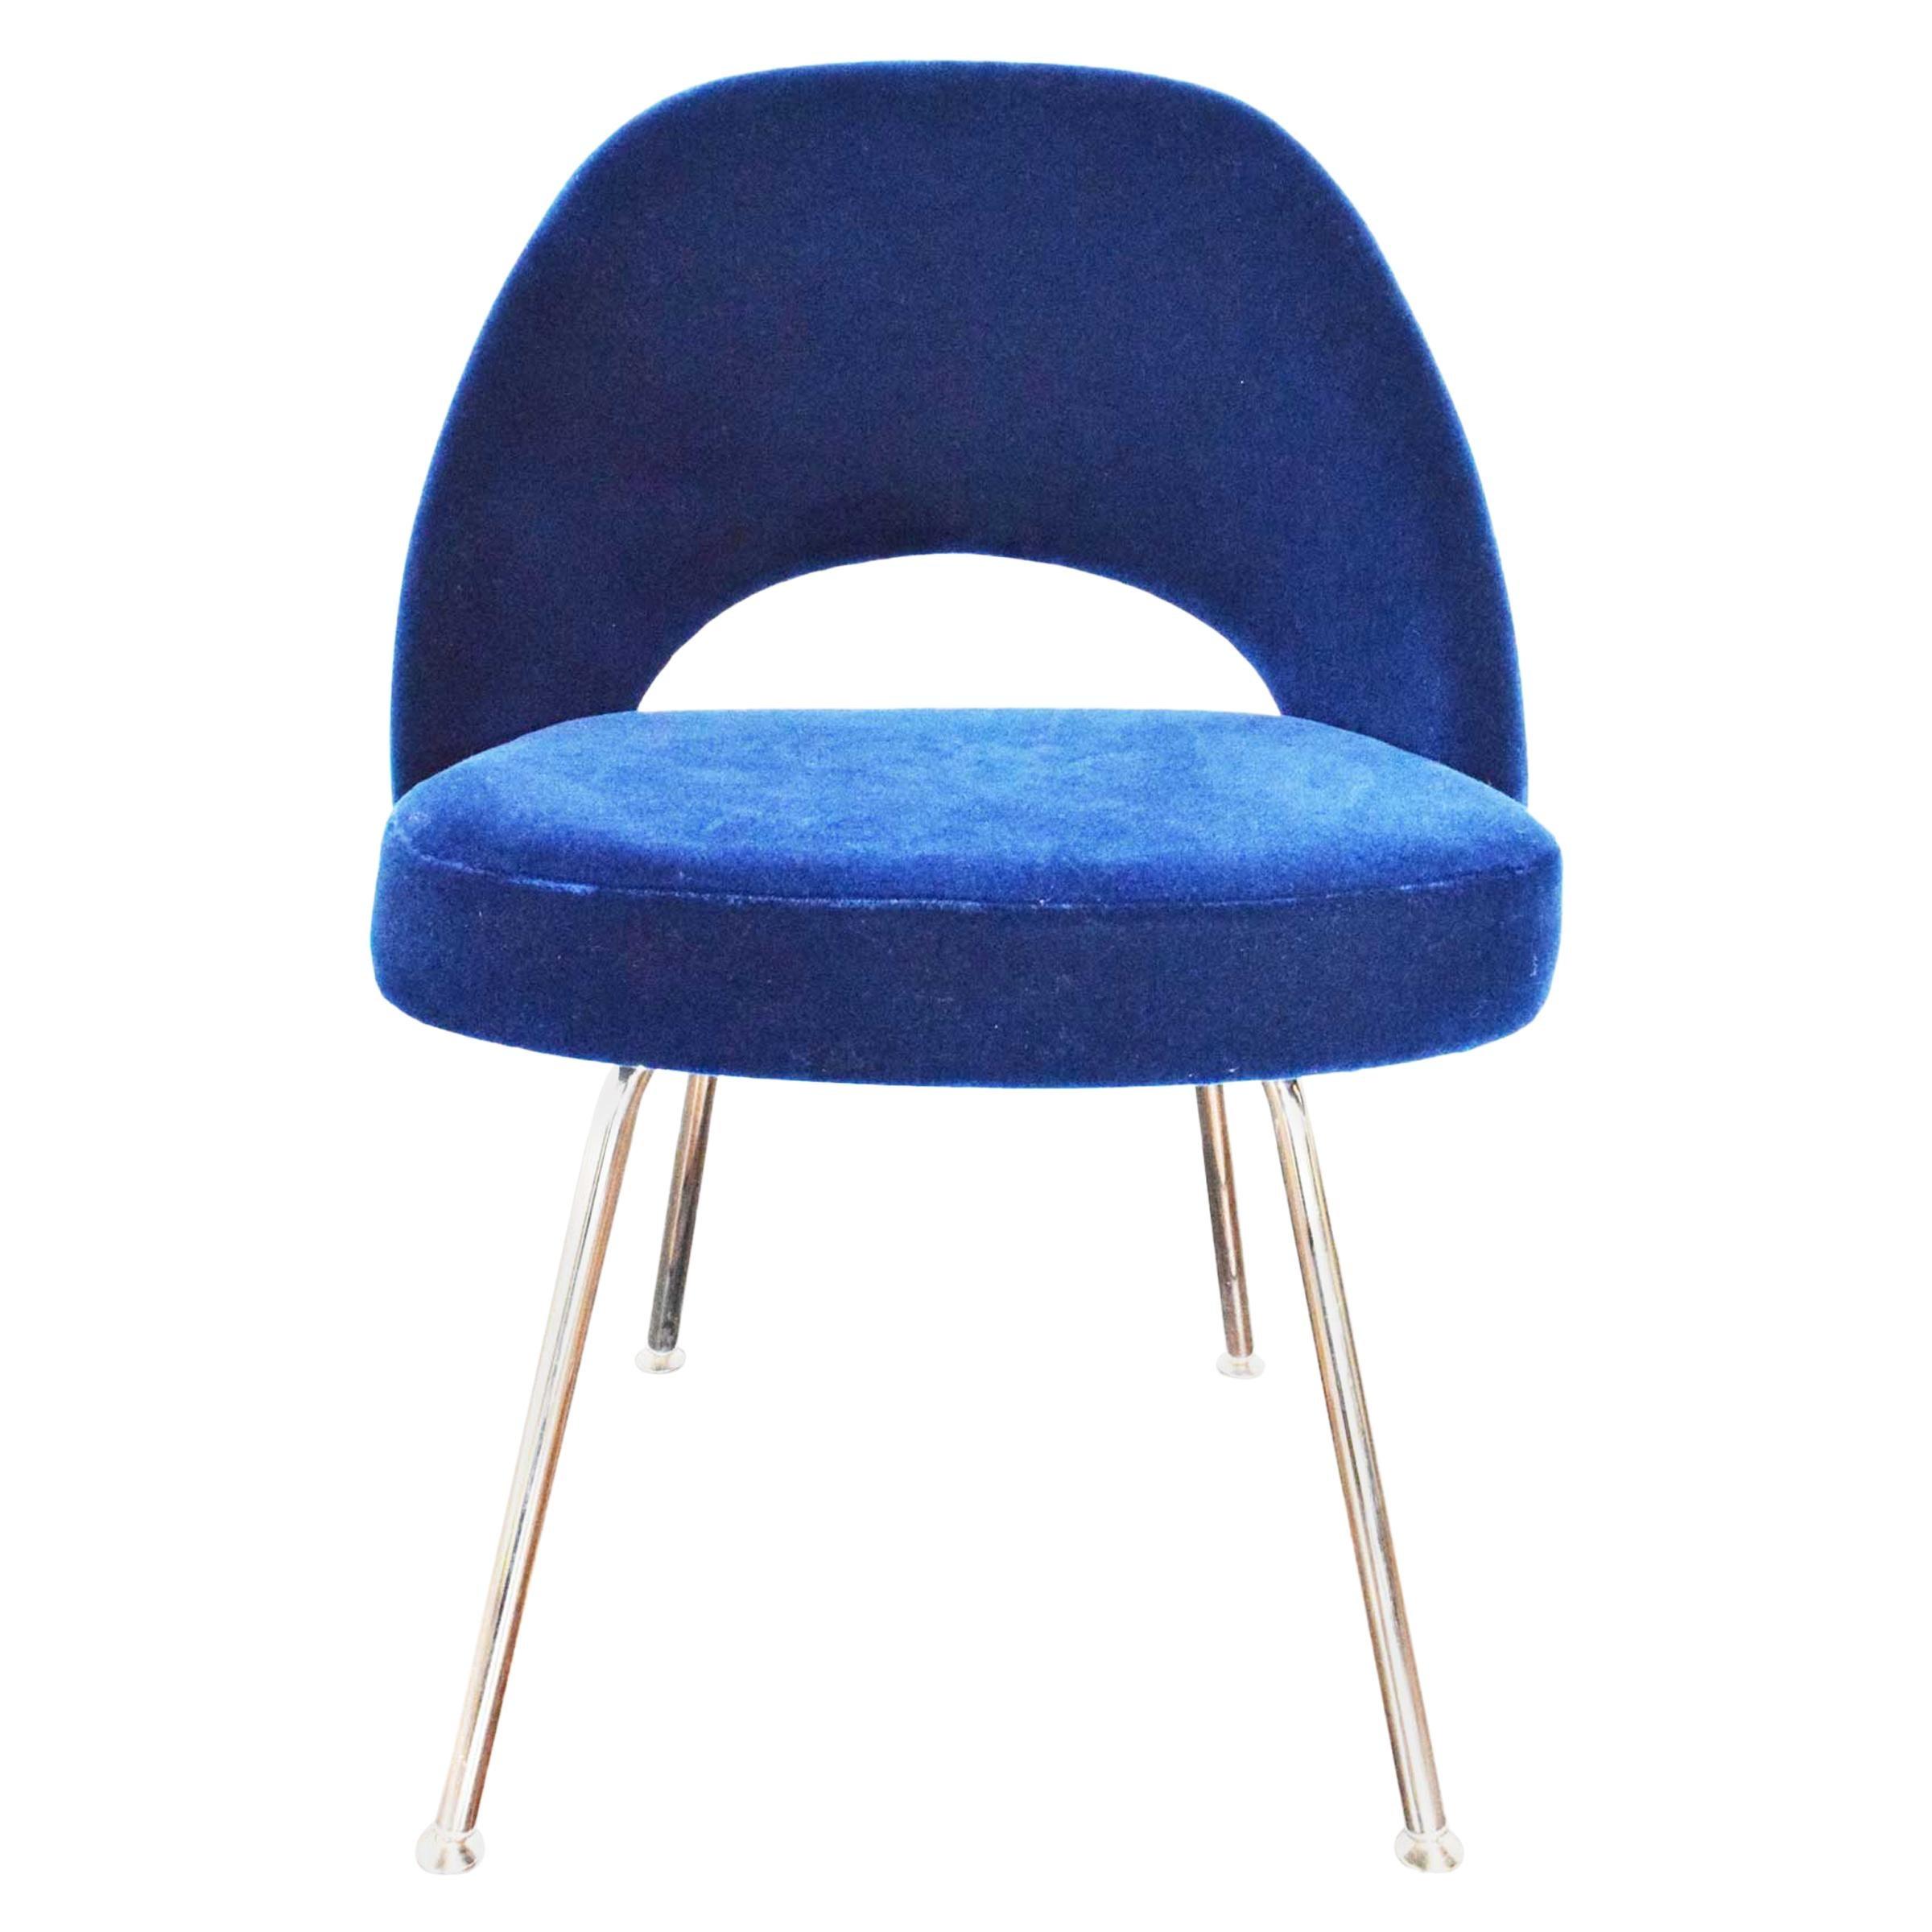 Knoll Eero Saarinen Armless Executive Chair, 5 Available in Mohair